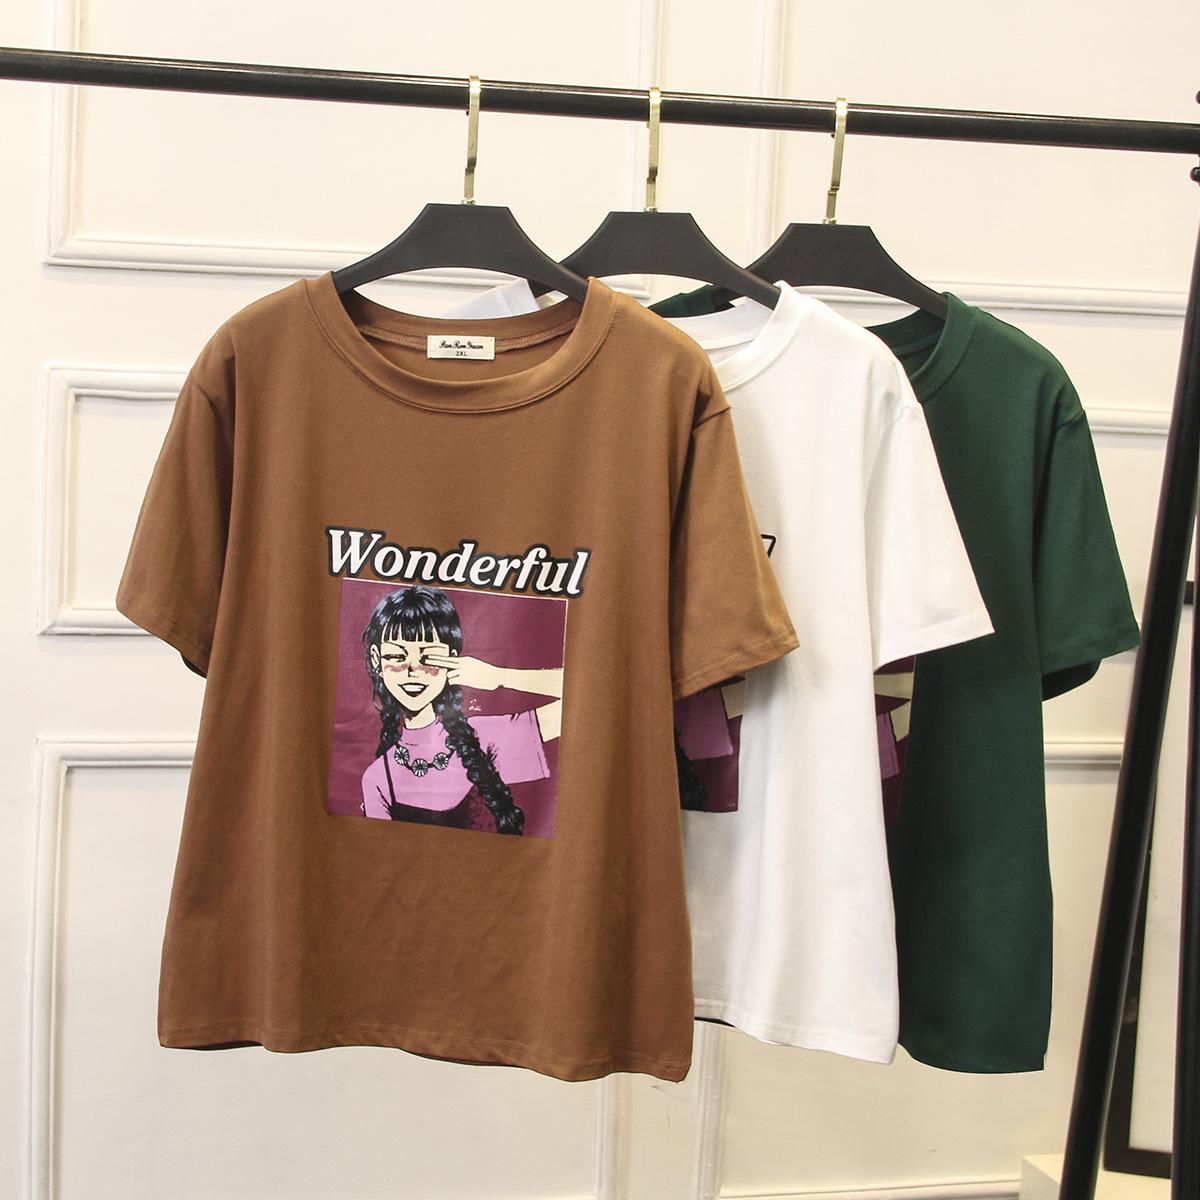 加肥加大码休闲女装夏装新款韩版显瘦XXXXL字母印花短袖T恤200斤